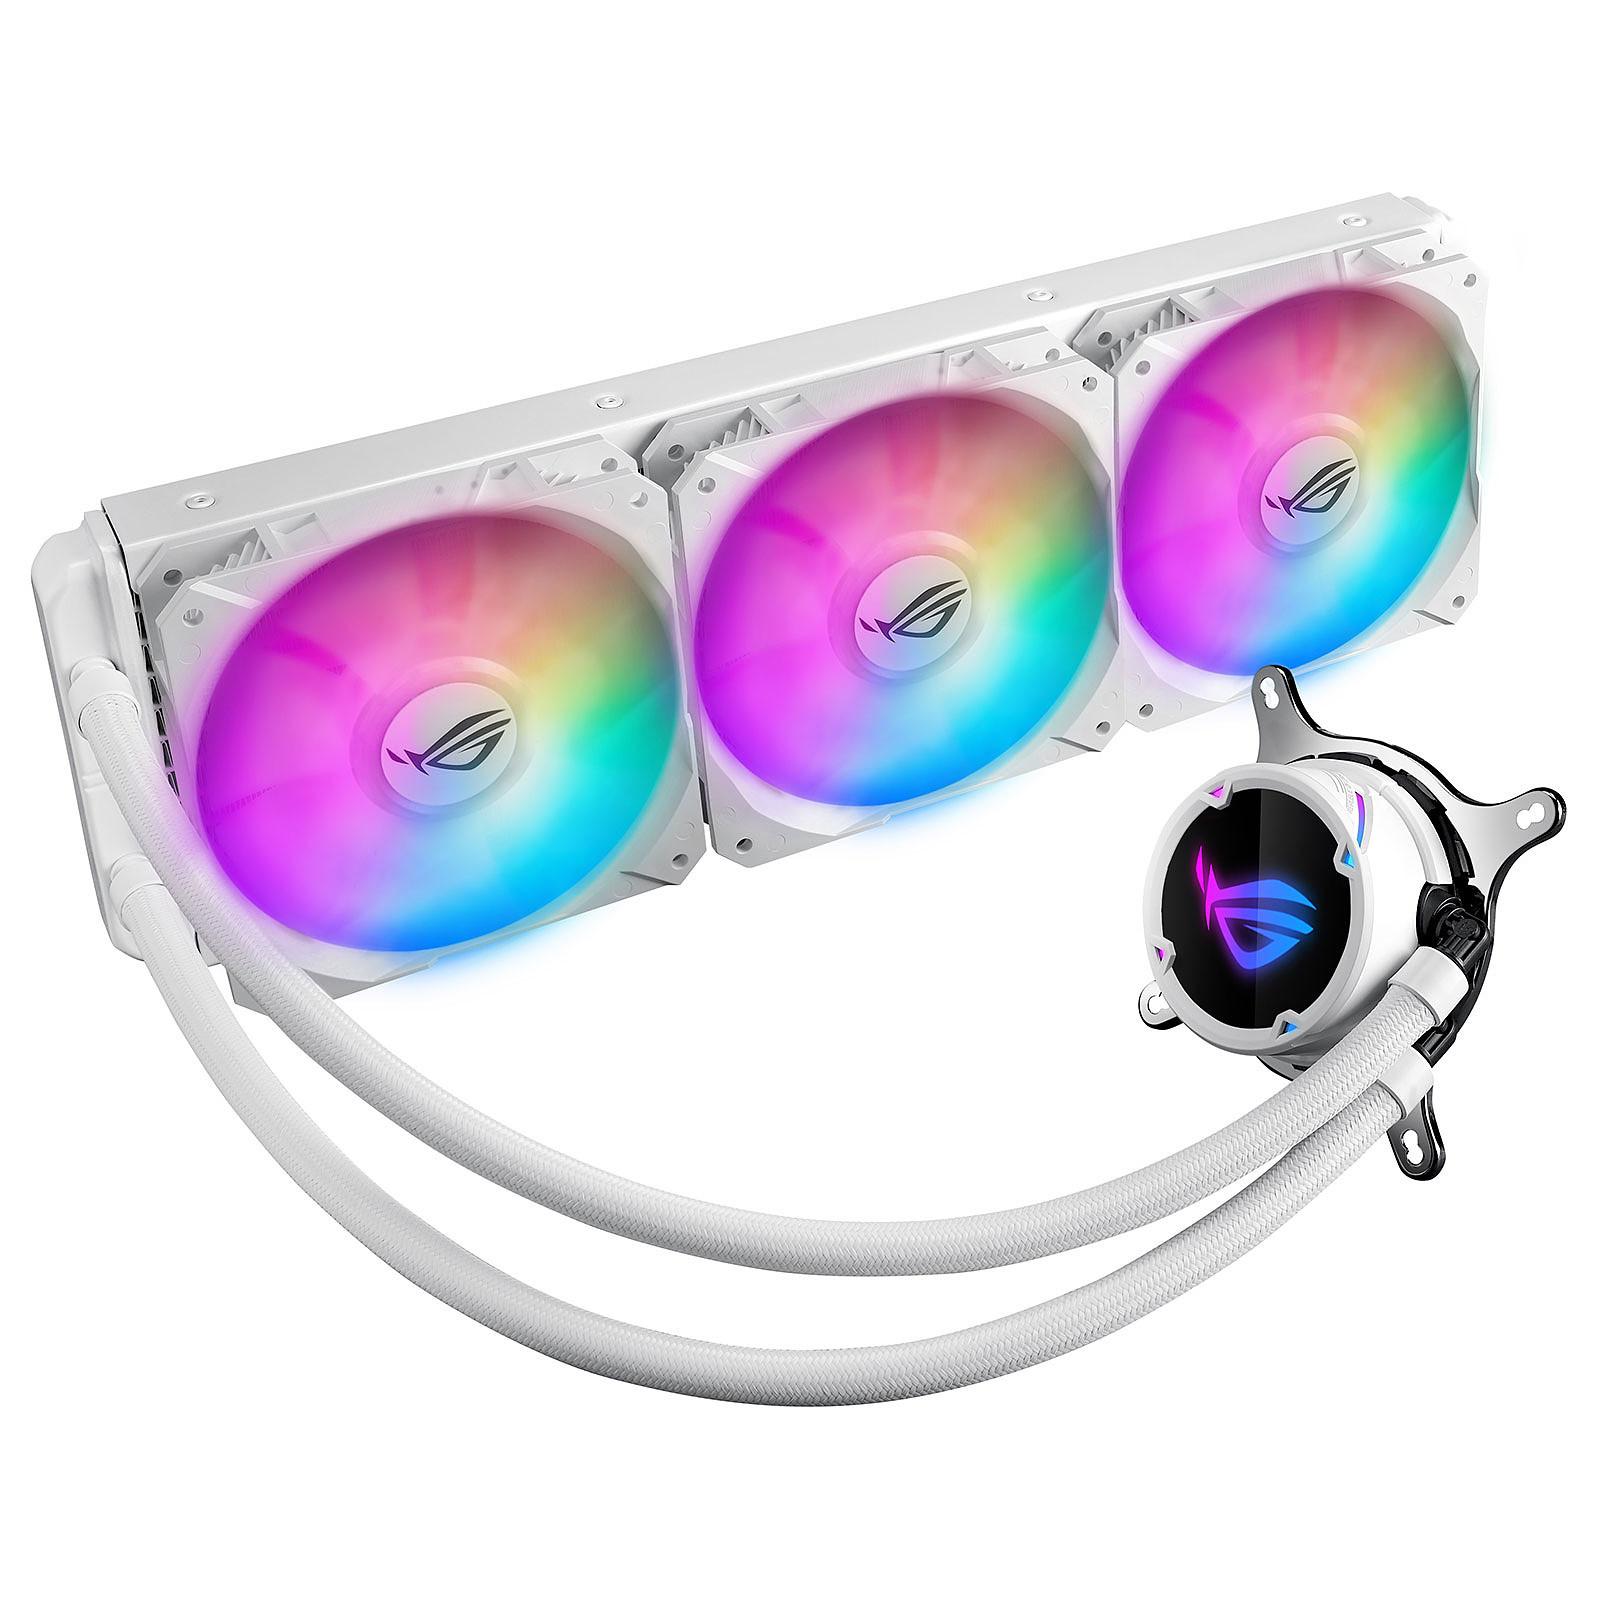 ROG STRIX LC 360 - White Edition - RGB - 380 mm